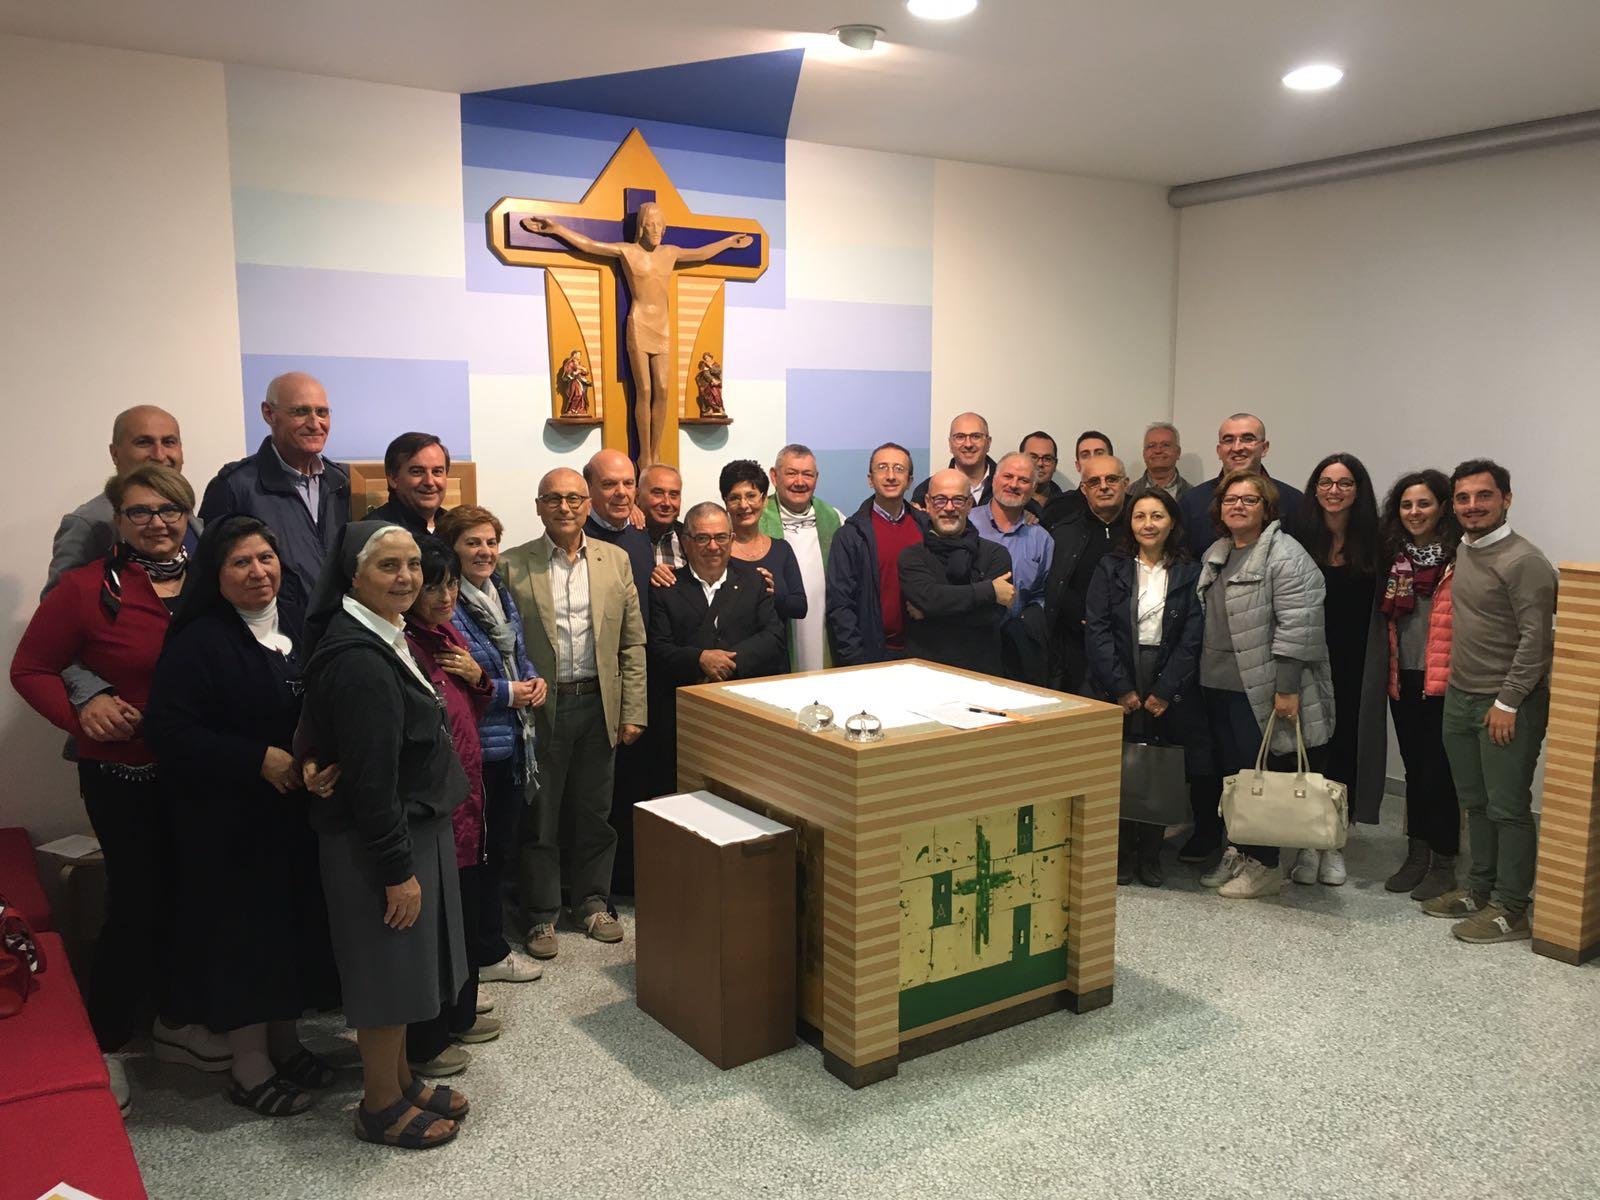 Diocesi Termoli-Larino, il Vescovo De Luca presenta la nuova curia